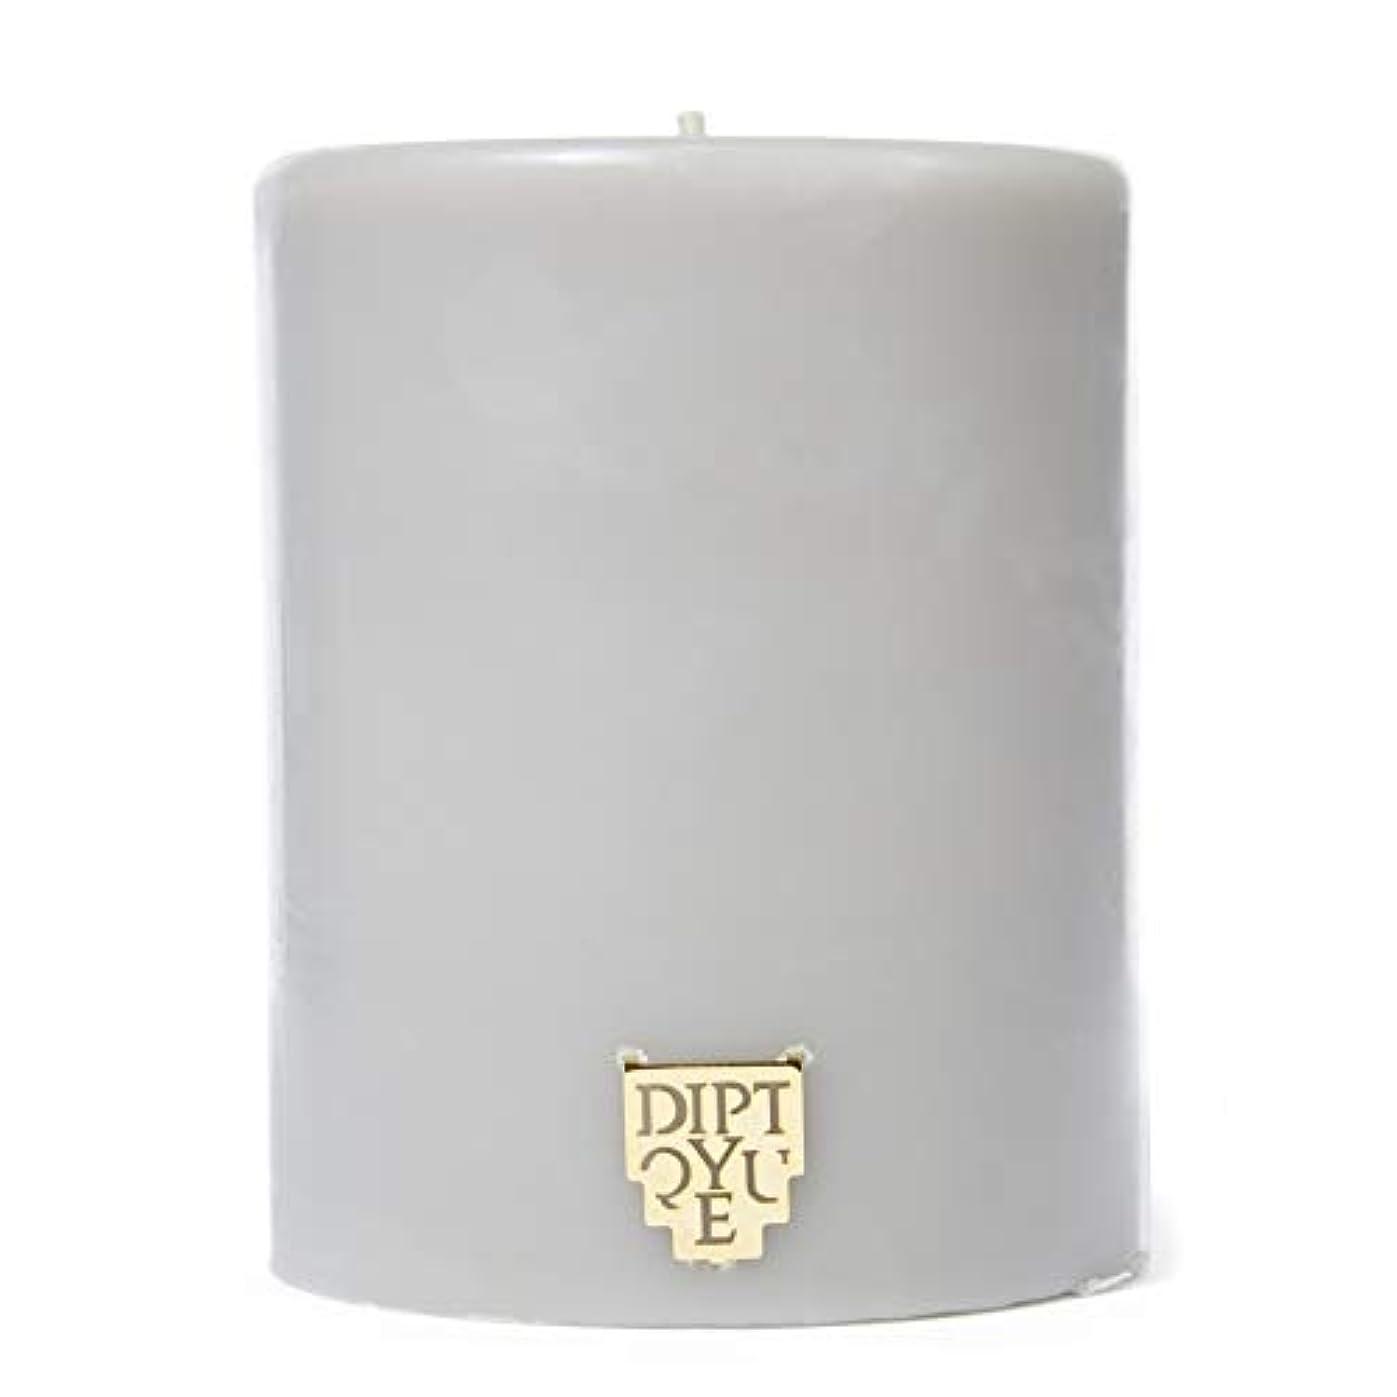 イノセンス充実賞賛する[Diptyque] DiptyqueのFeuデボワピラーキャンドル450グラム - Diptyque Feu De Bois Pillar Candle 450g [並行輸入品]